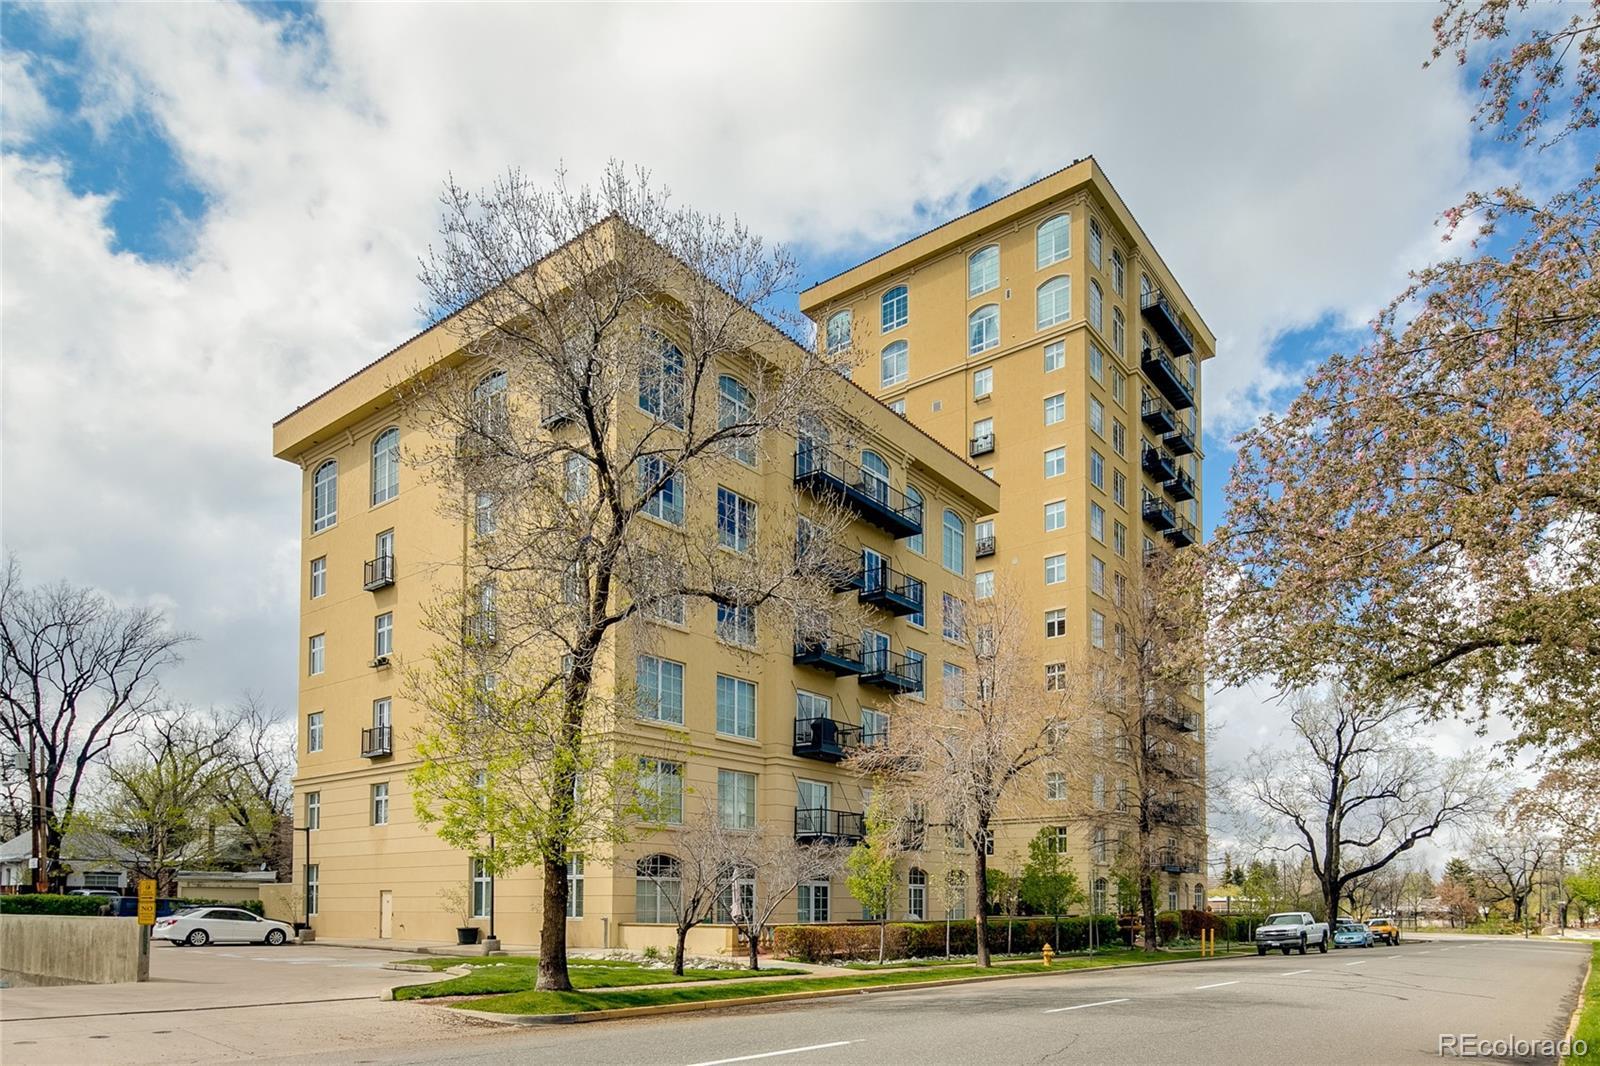 25 N Downing Street #1-204, Denver, CO 80218 - Denver, CO real estate listing